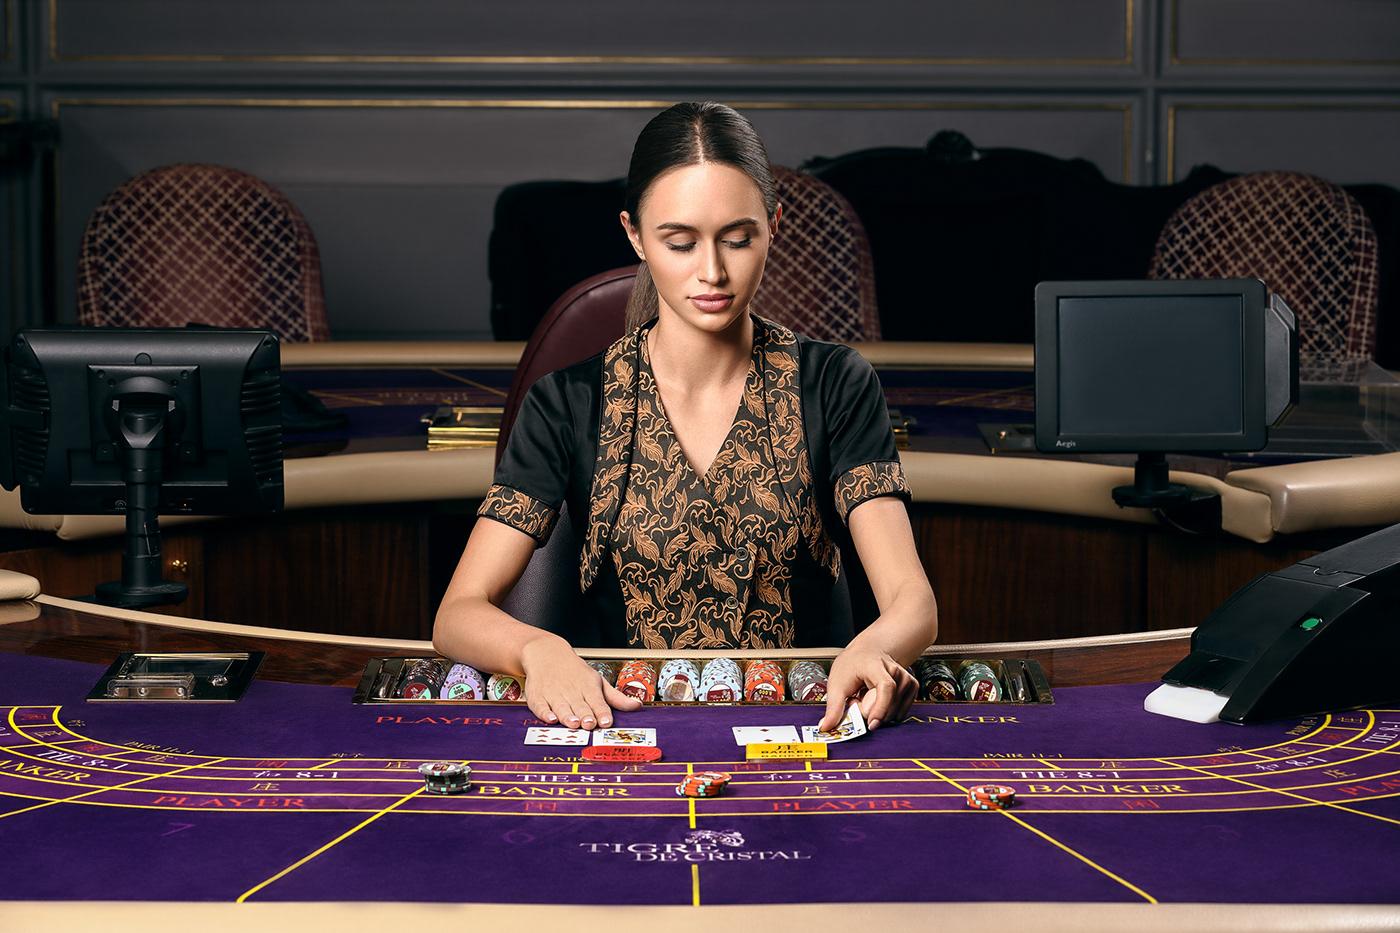 официальный сайт реклама казино 7 7 7